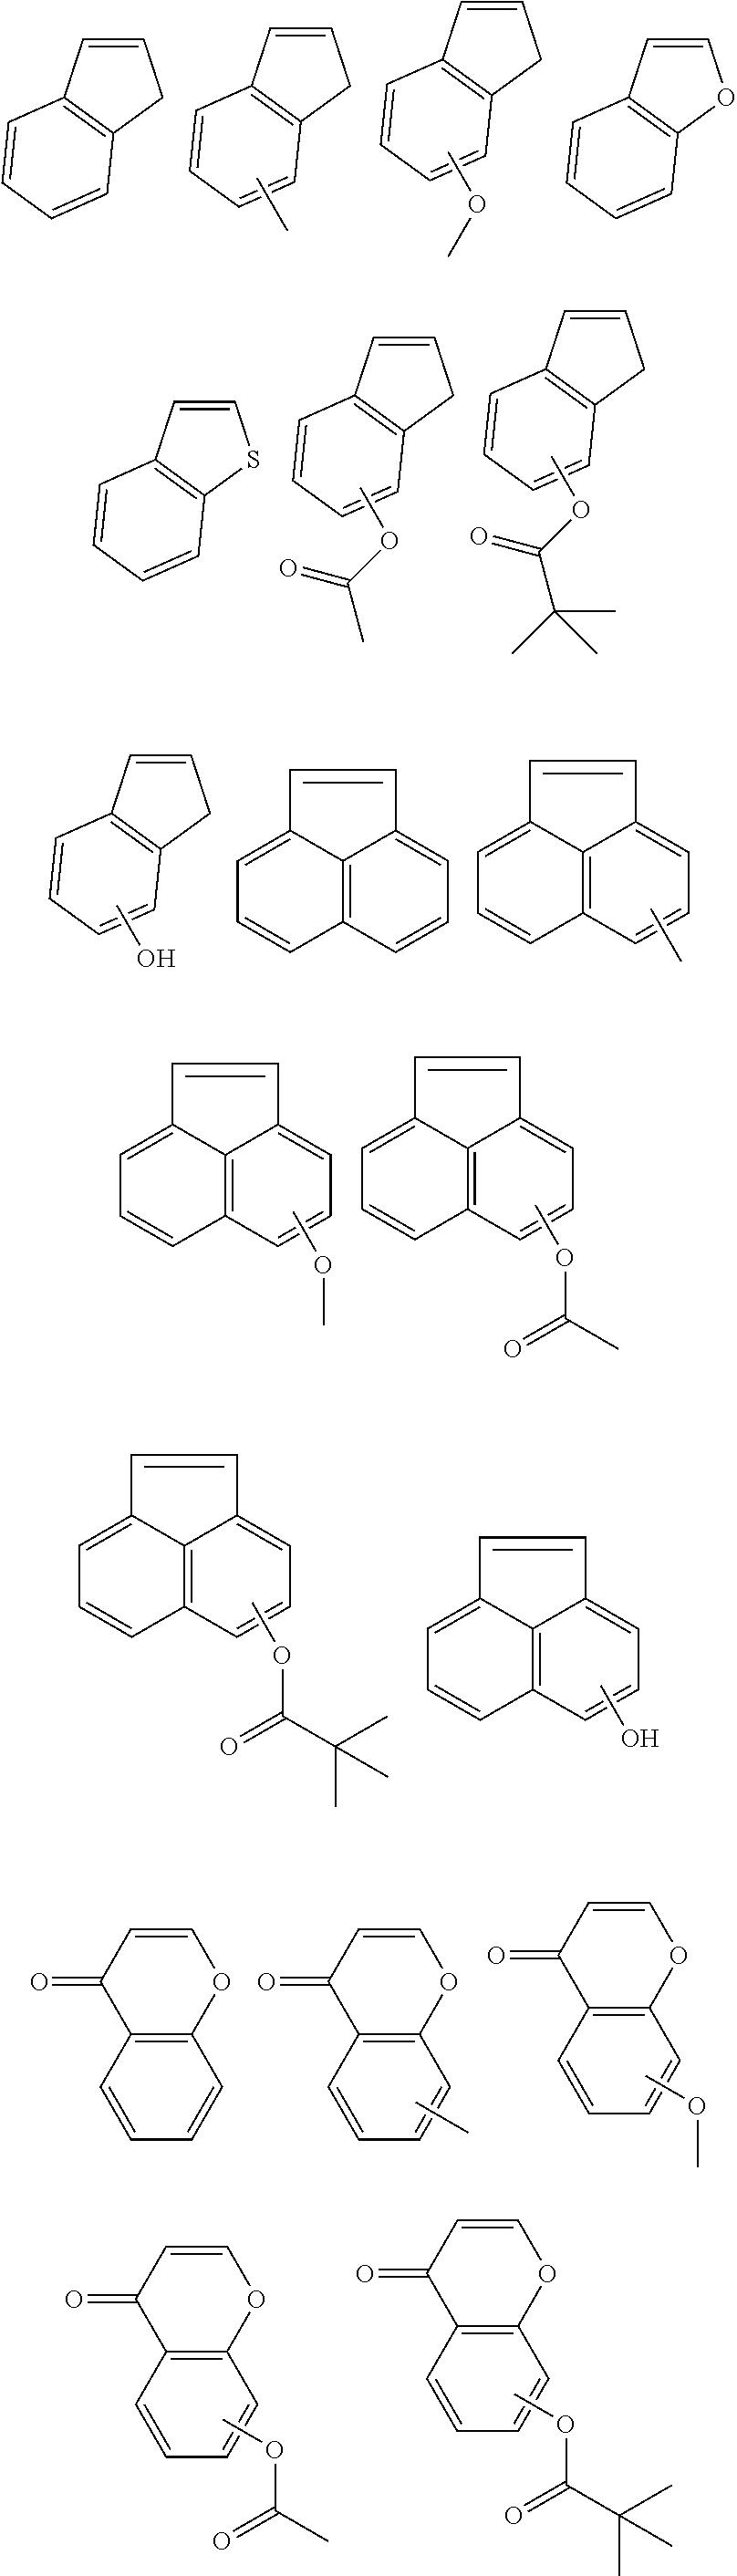 Figure US09316915-20160419-C00030